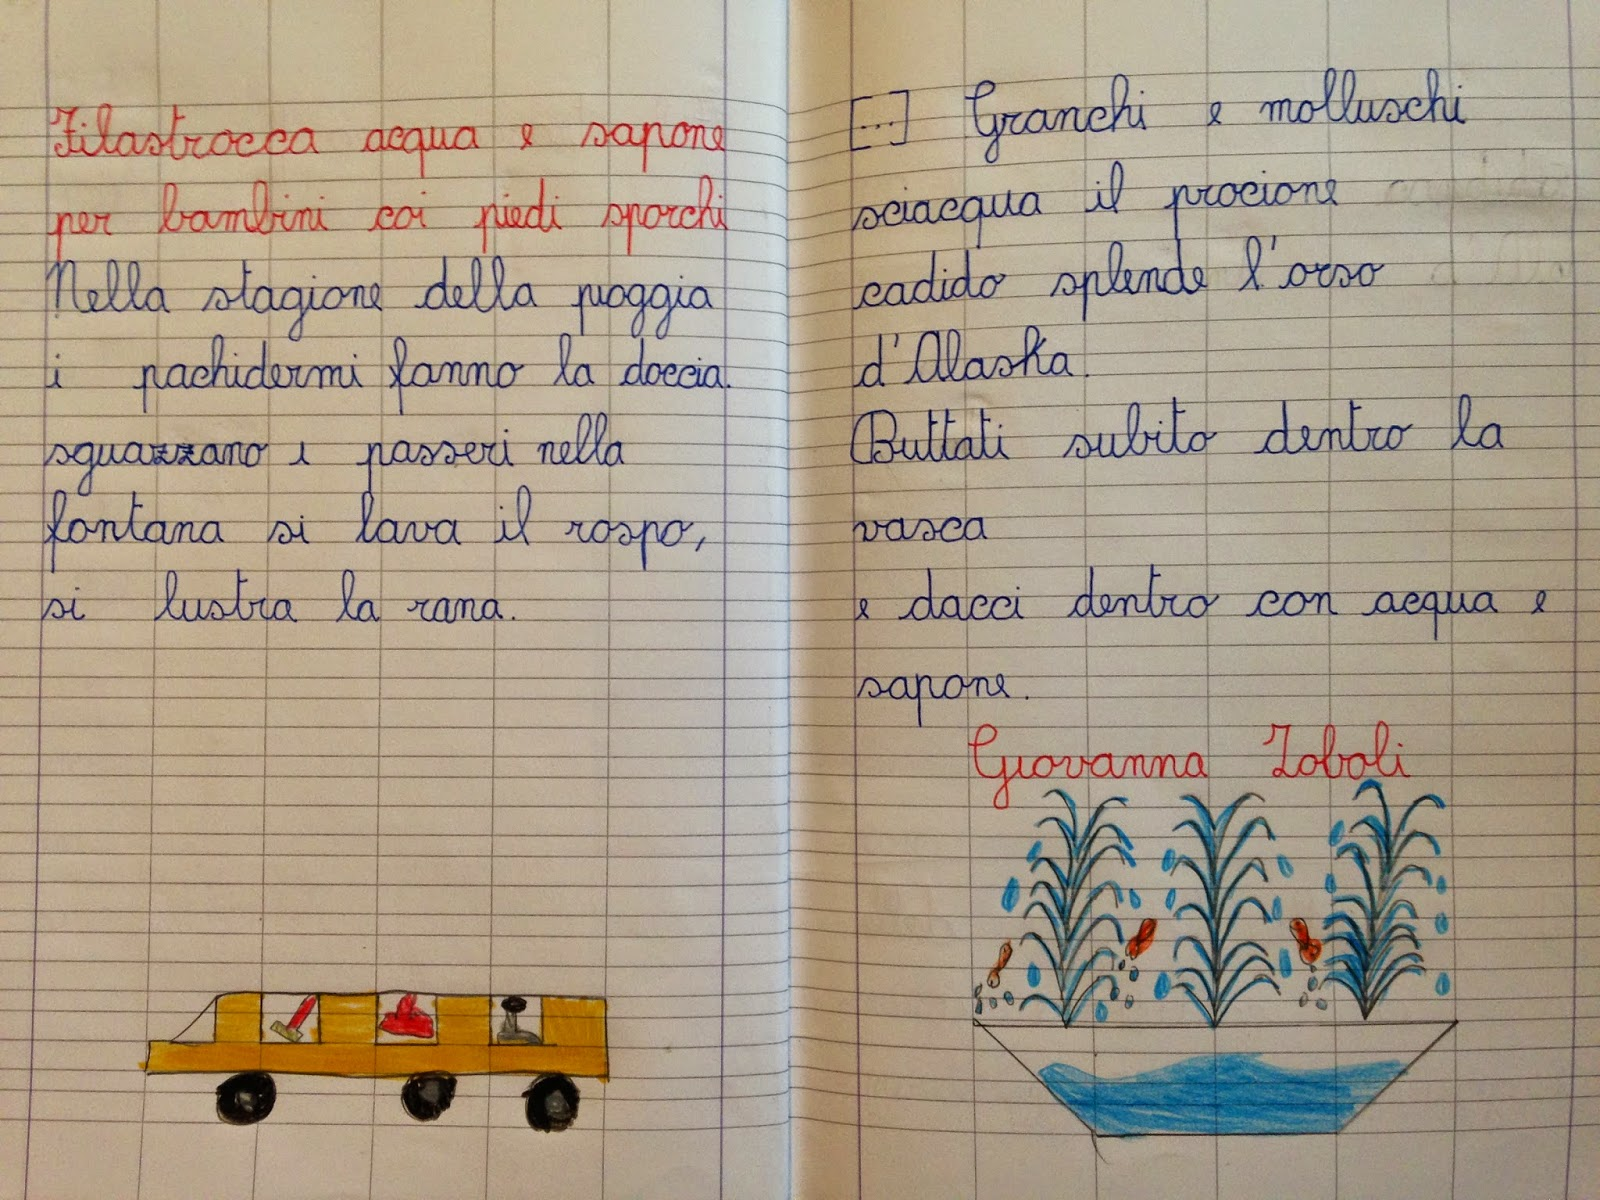 Connu APEdario: Filastrocca acqua e sapone per bambini coi piedi sporchi MH11